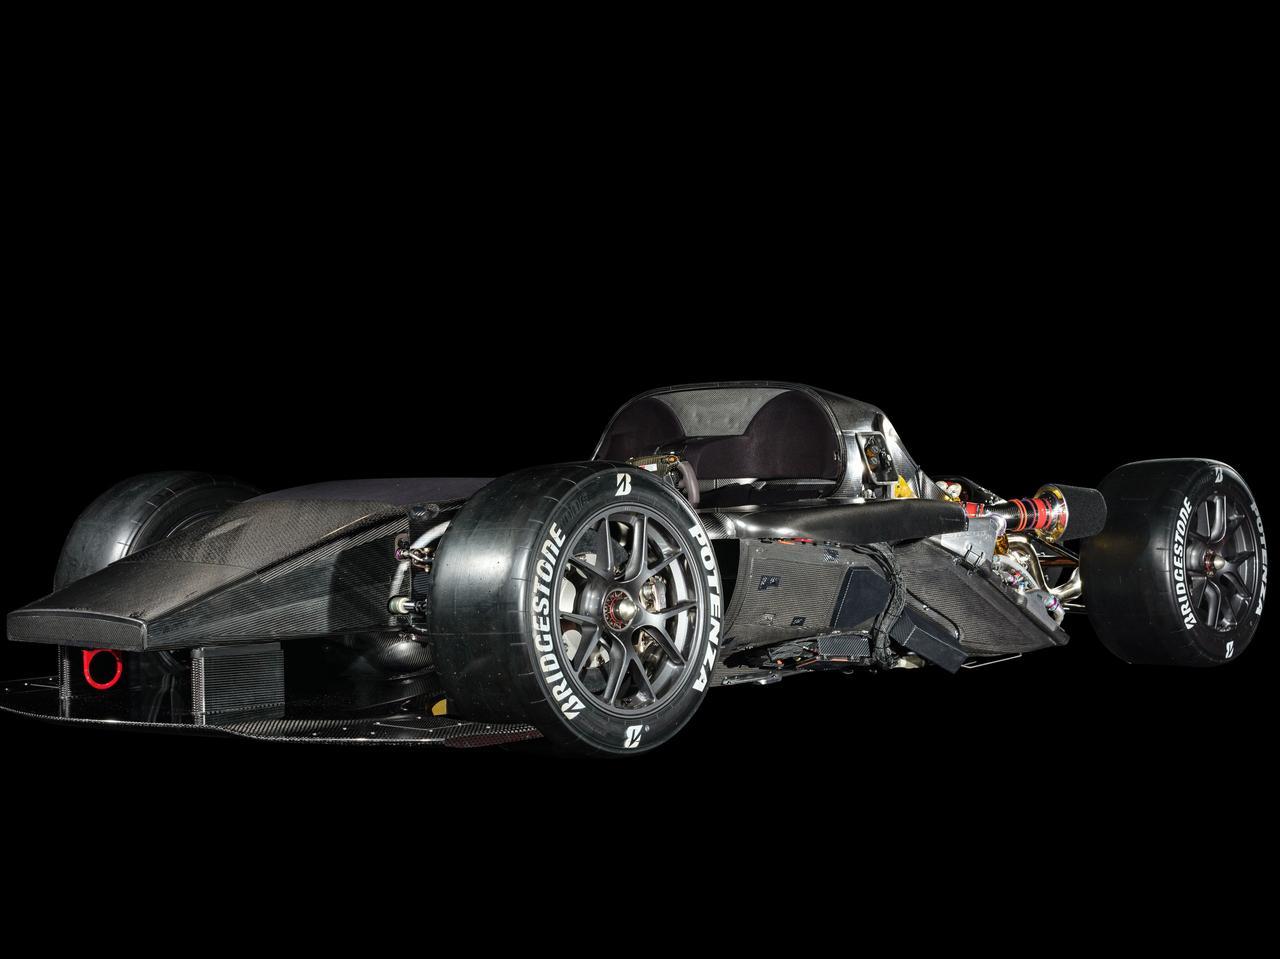 2020-2021年シーズン、ル・マン/WECはいよいよ「ハイパーカー」の戦いになる【モータースポーツ】